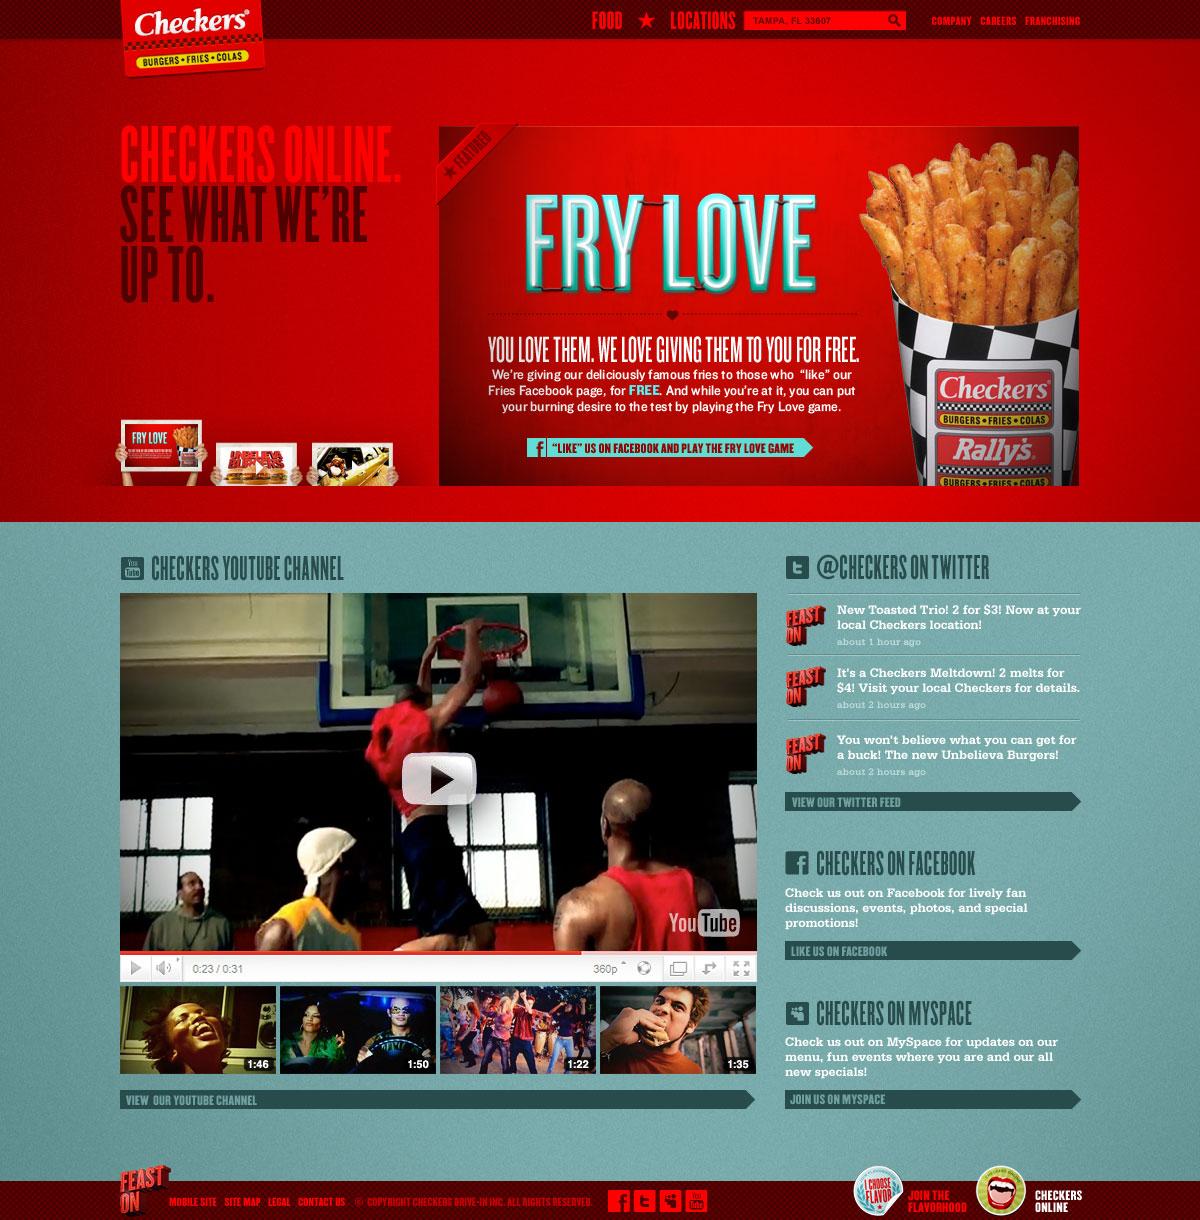 Website - Checkers Online